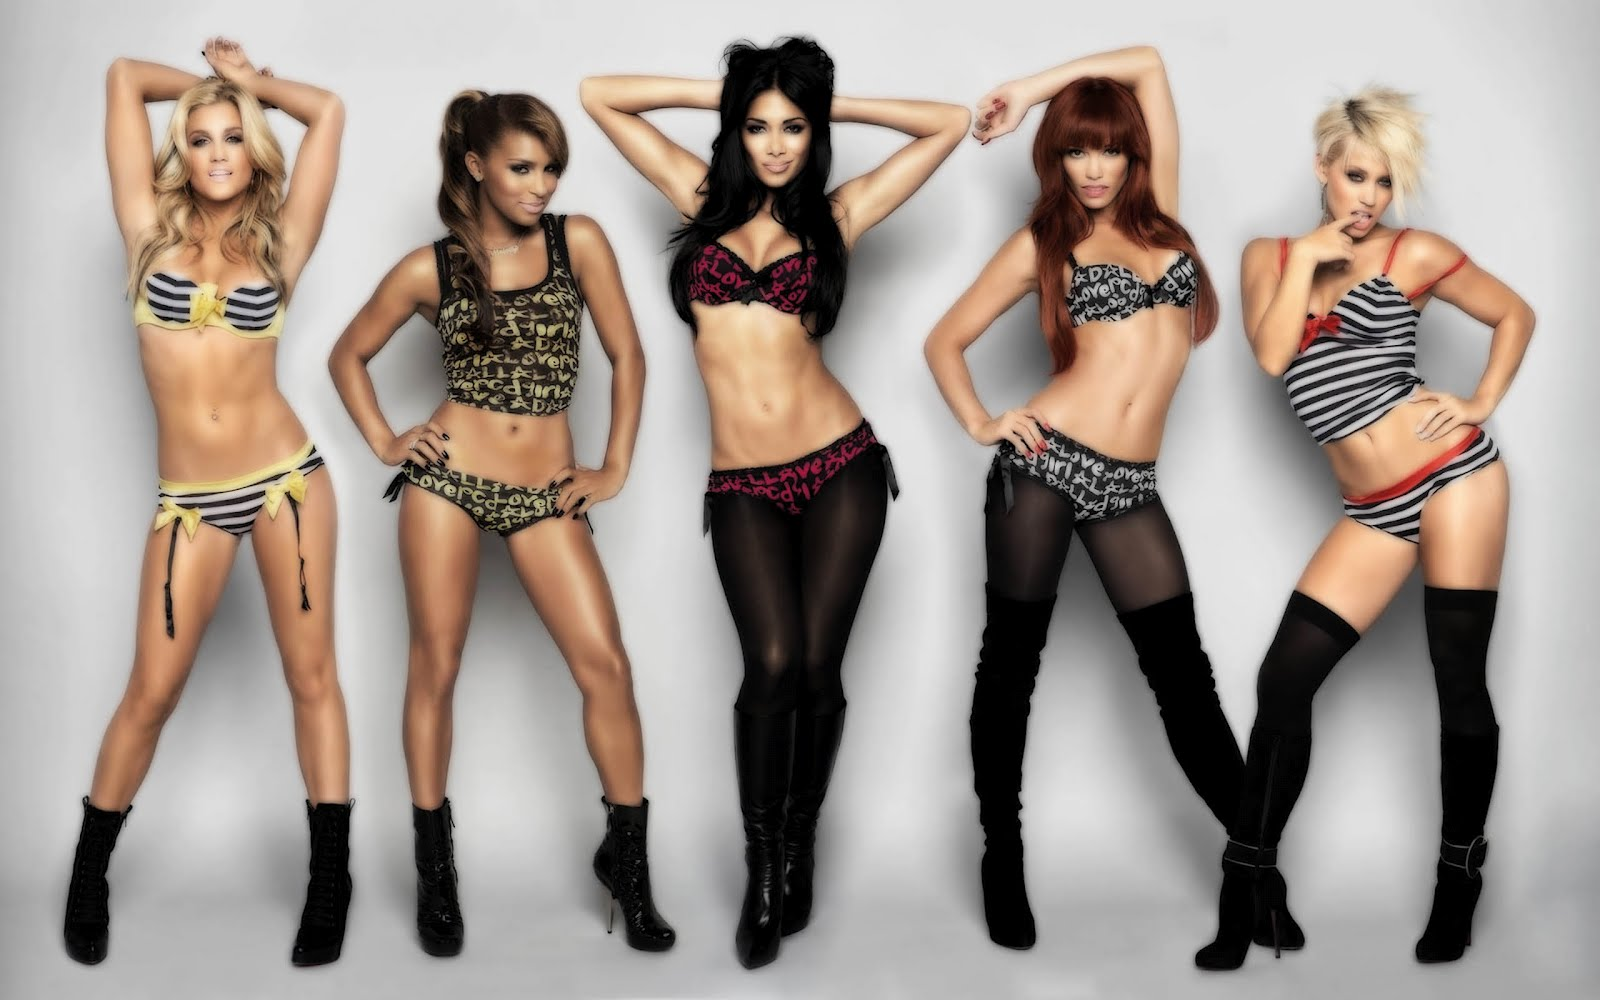 http://3.bp.blogspot.com/-2qdf3tcjIy4/Ty709_XzC8I/AAAAAAAABRU/8N7hOvrJFkU/s1600/pussycat_dolls_001.jpg